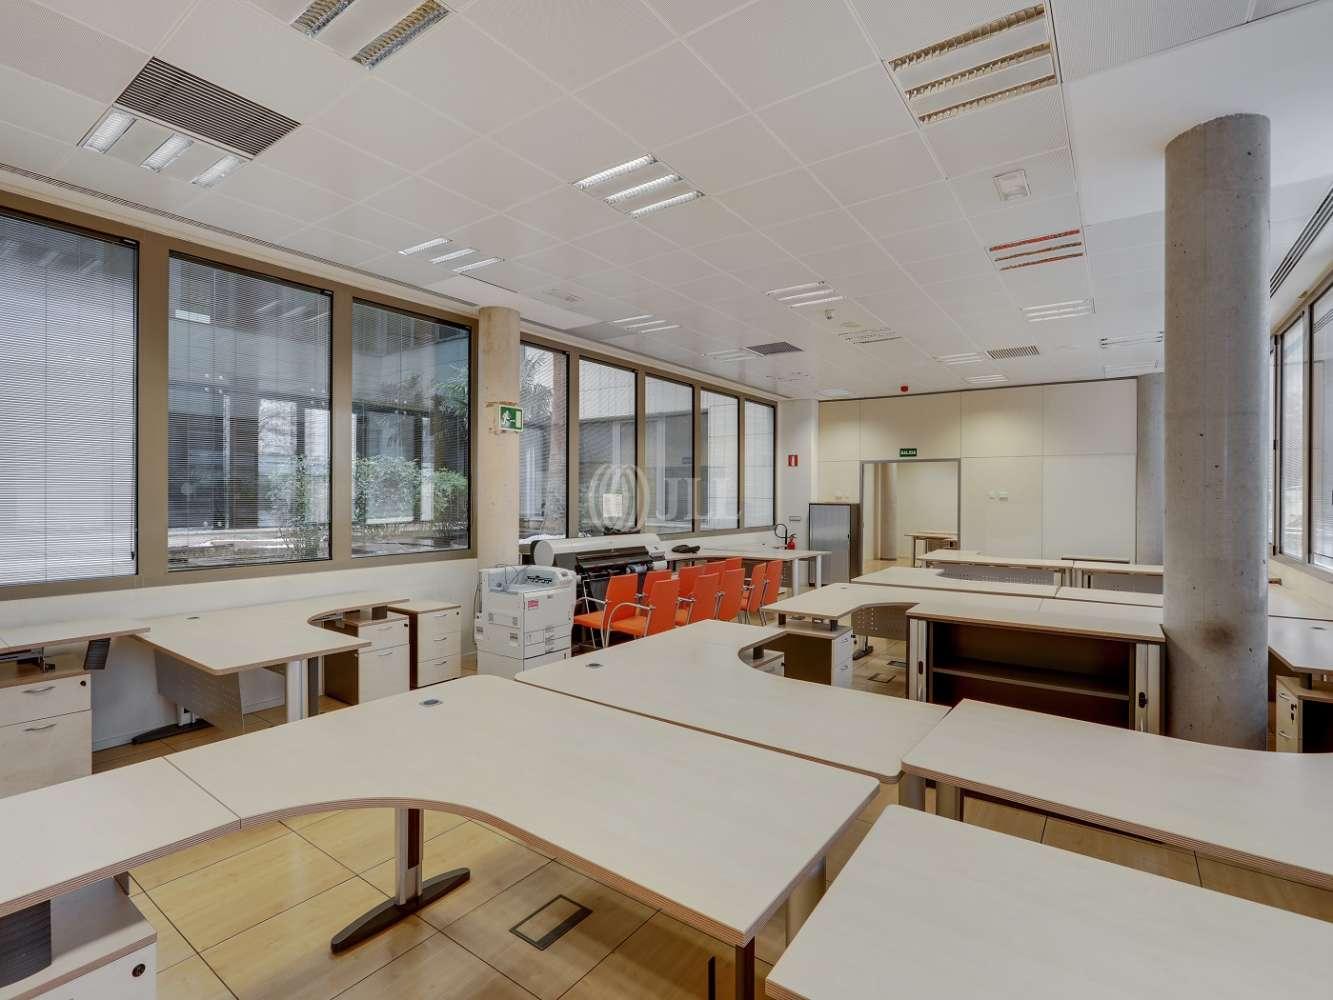 Oficina Las rozas de madrid, 28232 - Edificio 1 - 23189